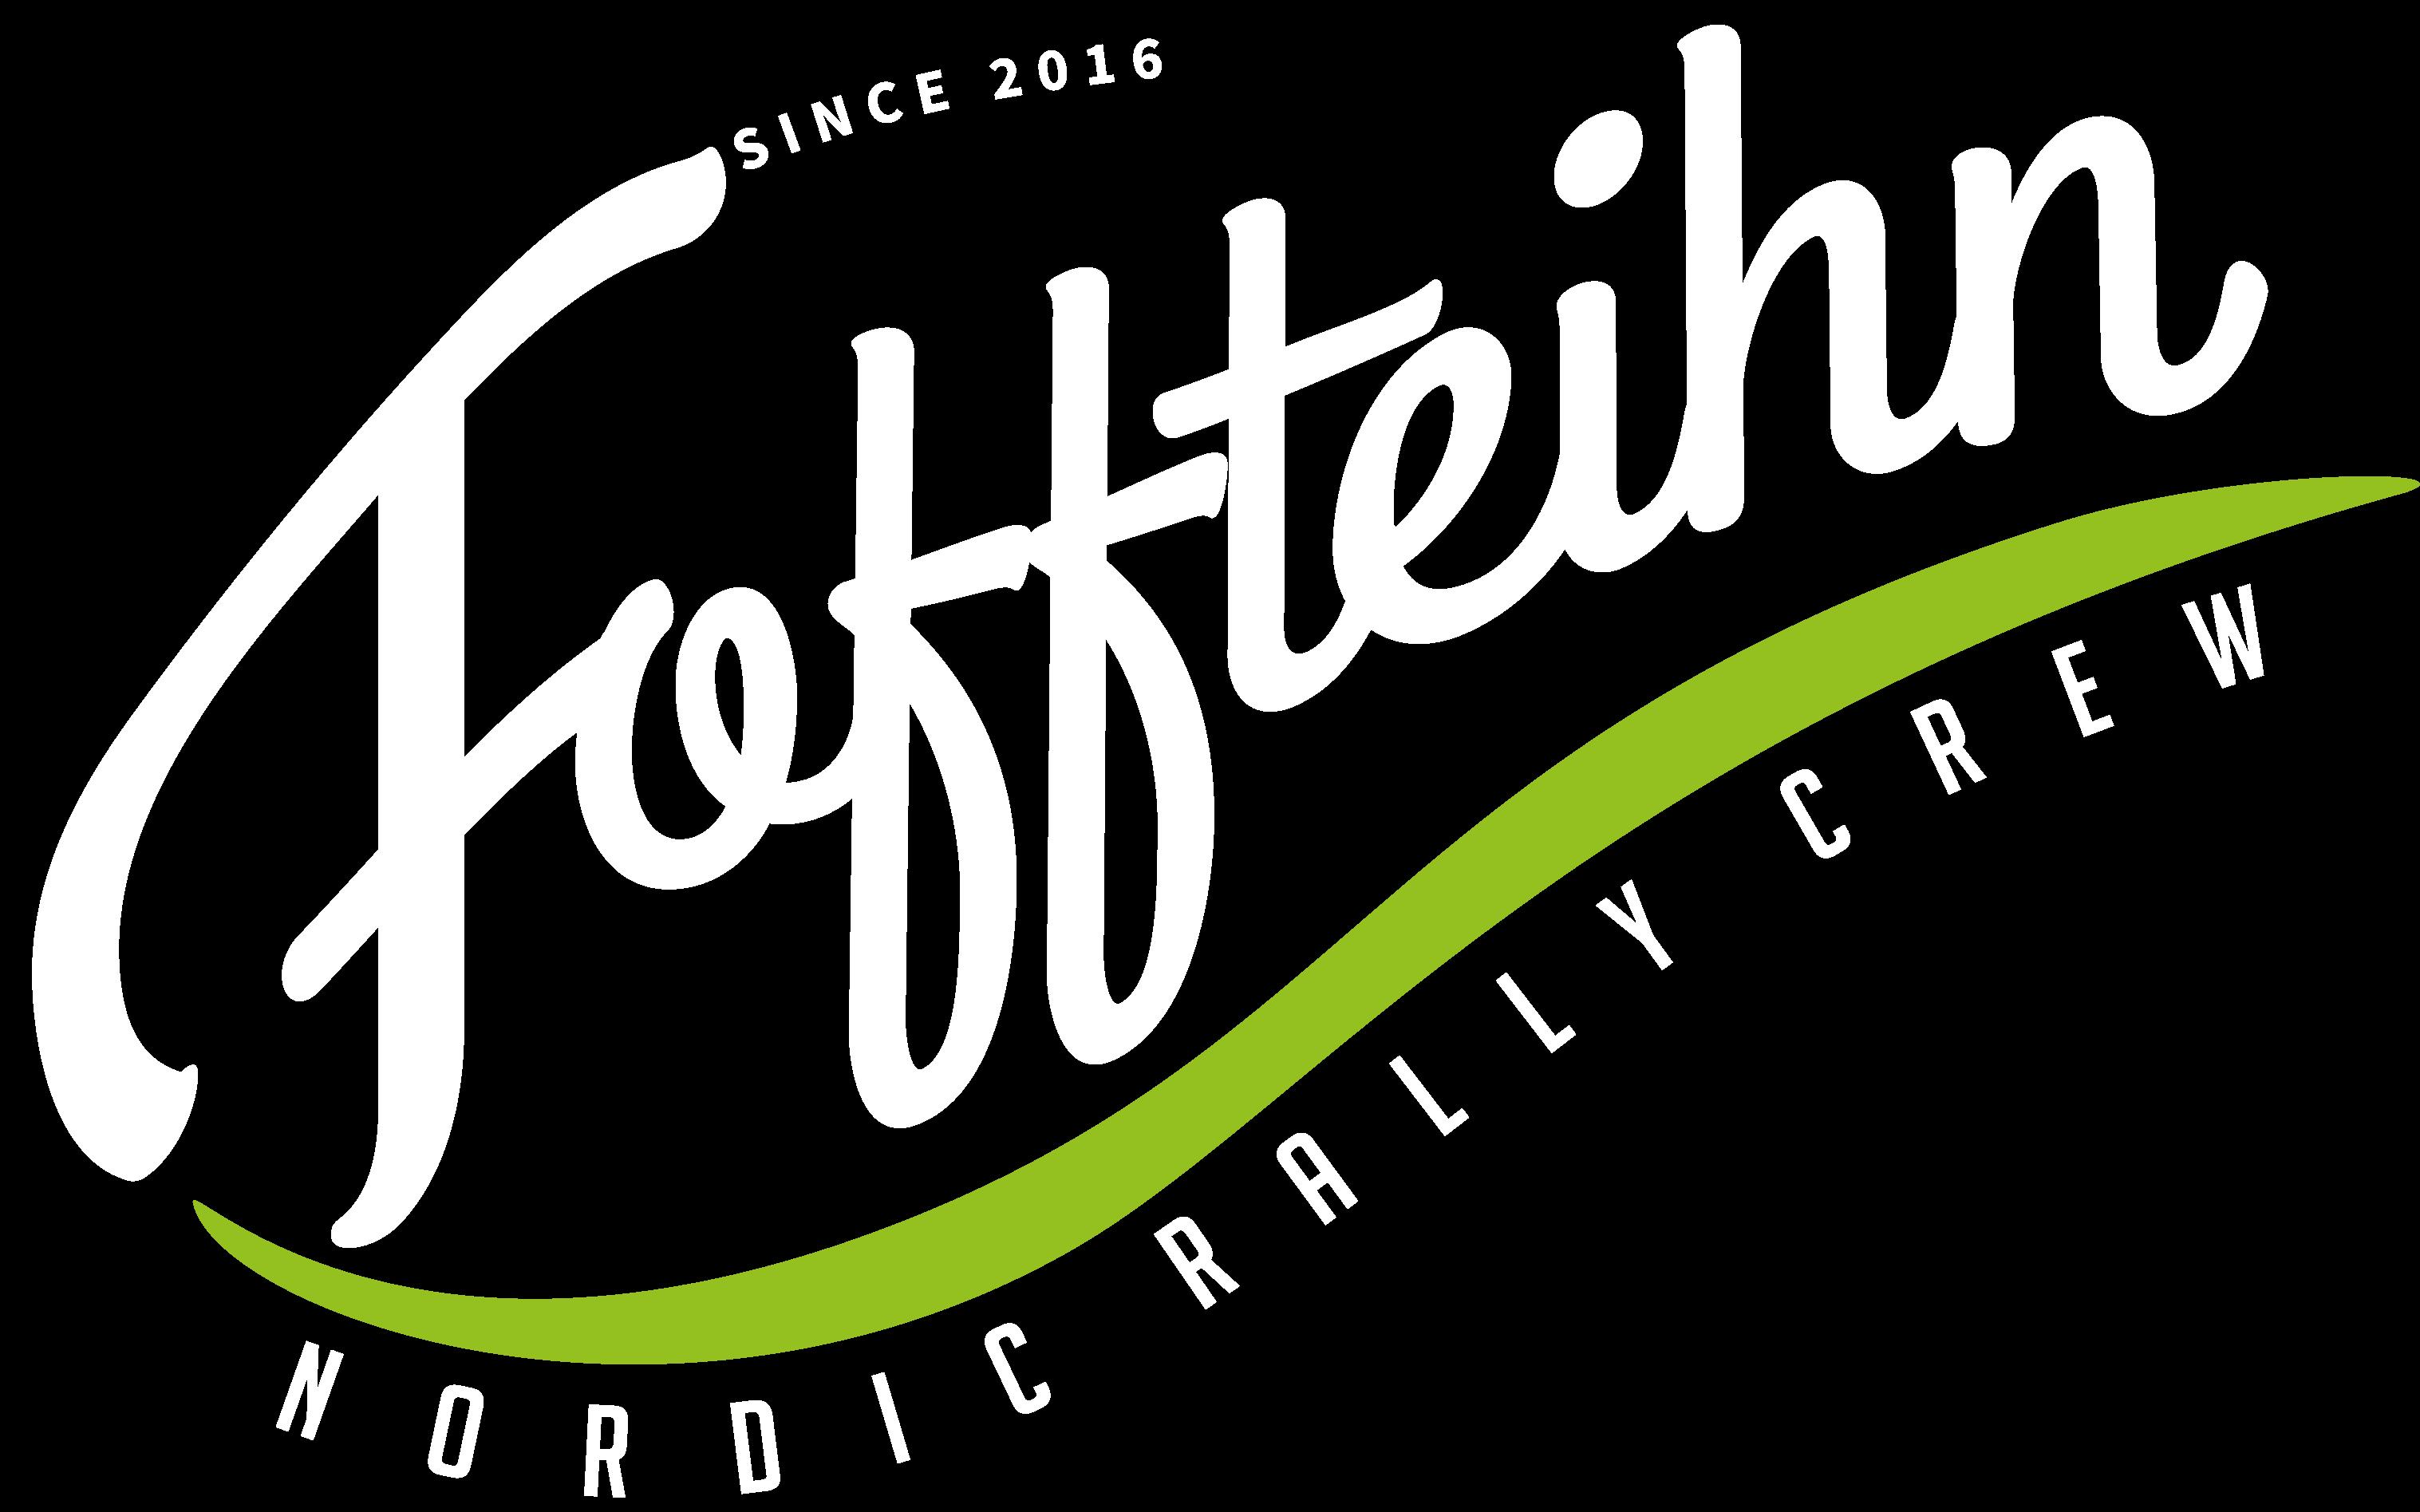 Team Foffteihn